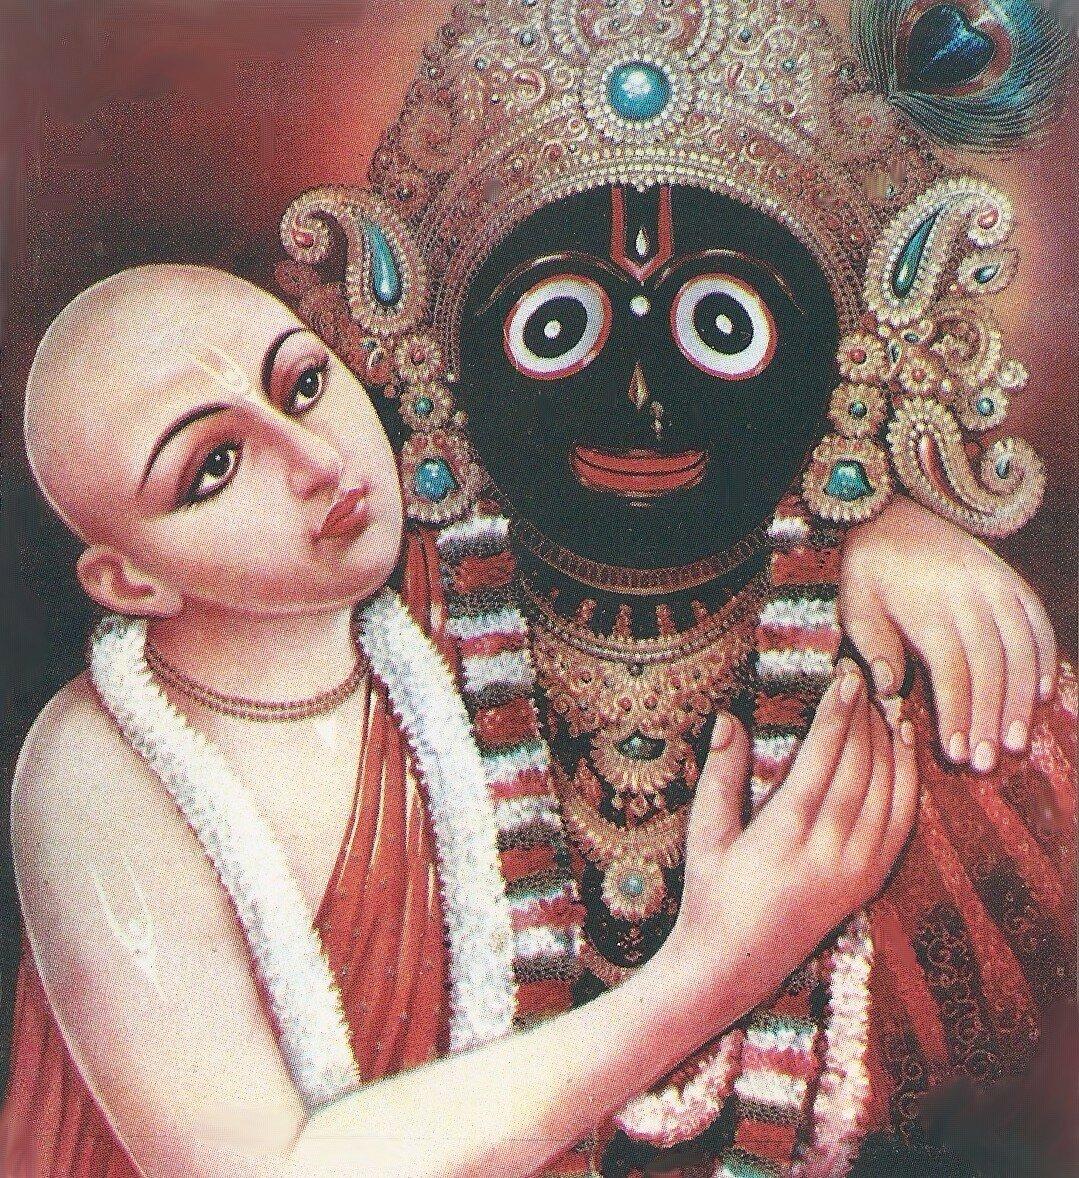 Шри Кришна-Чайтанья и Божество - Господь Джаганнатха